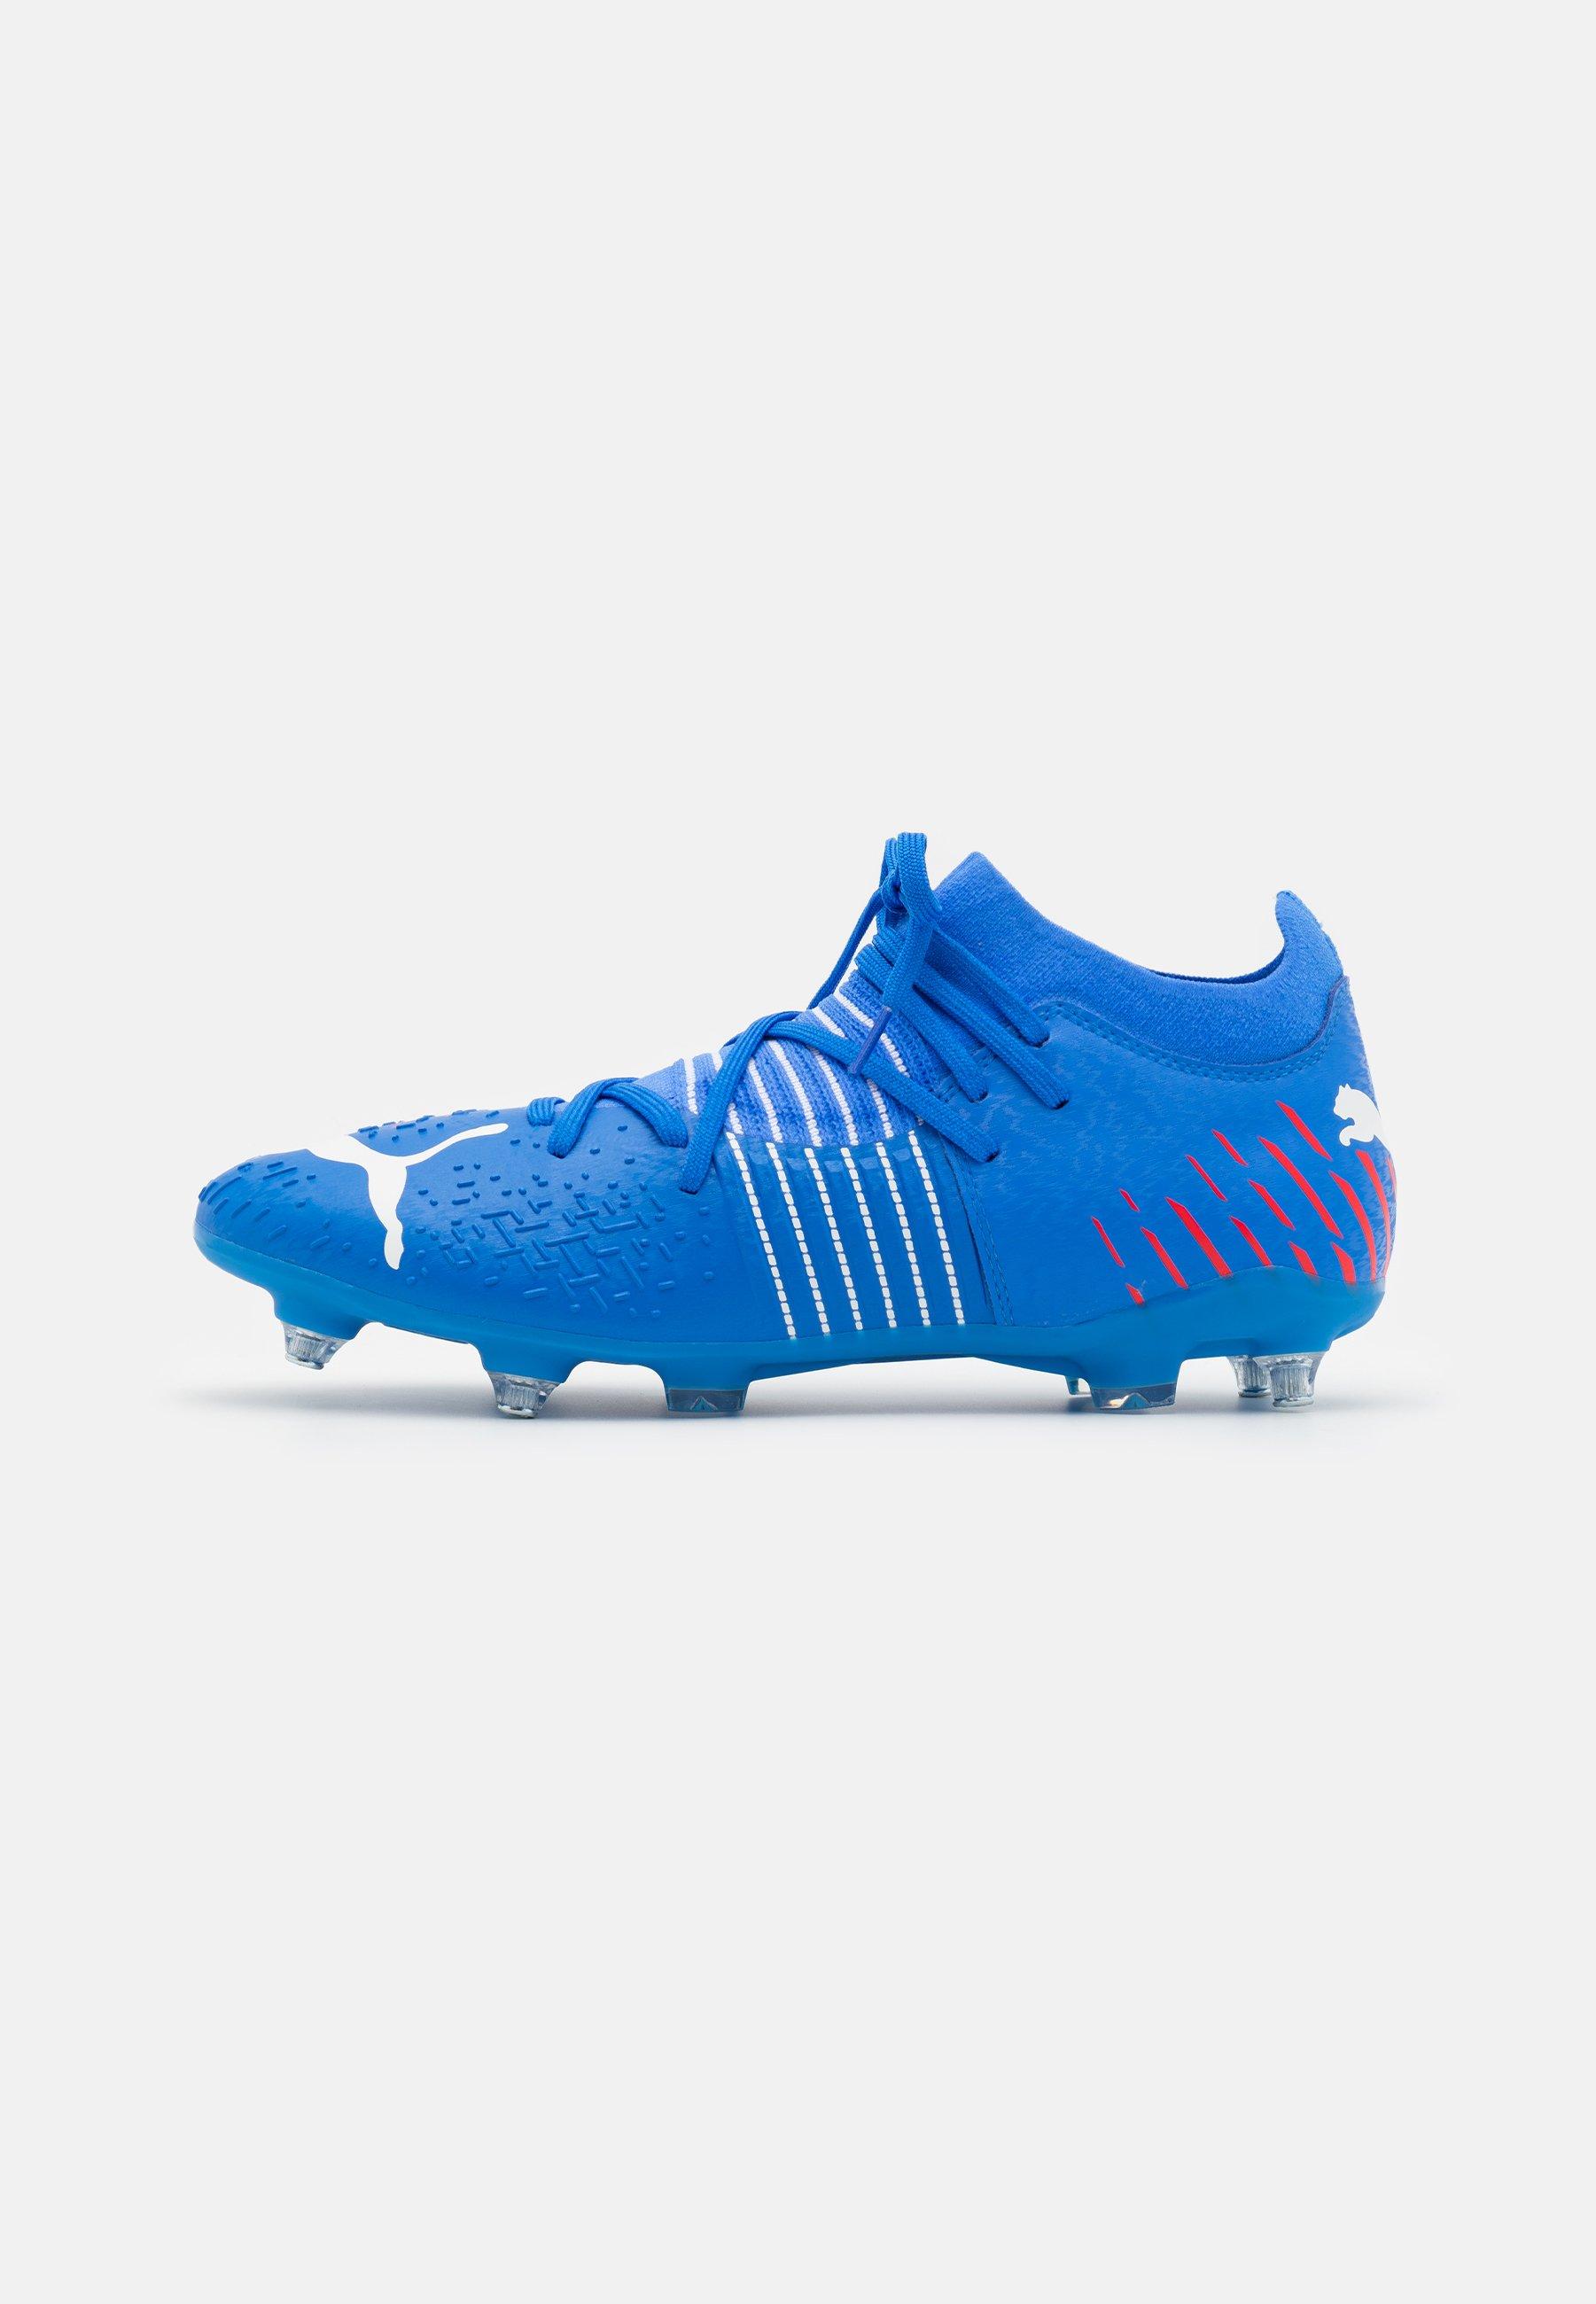 Homme FUTURE Z 3.2 MXSG - Chaussures de foot à lamelles